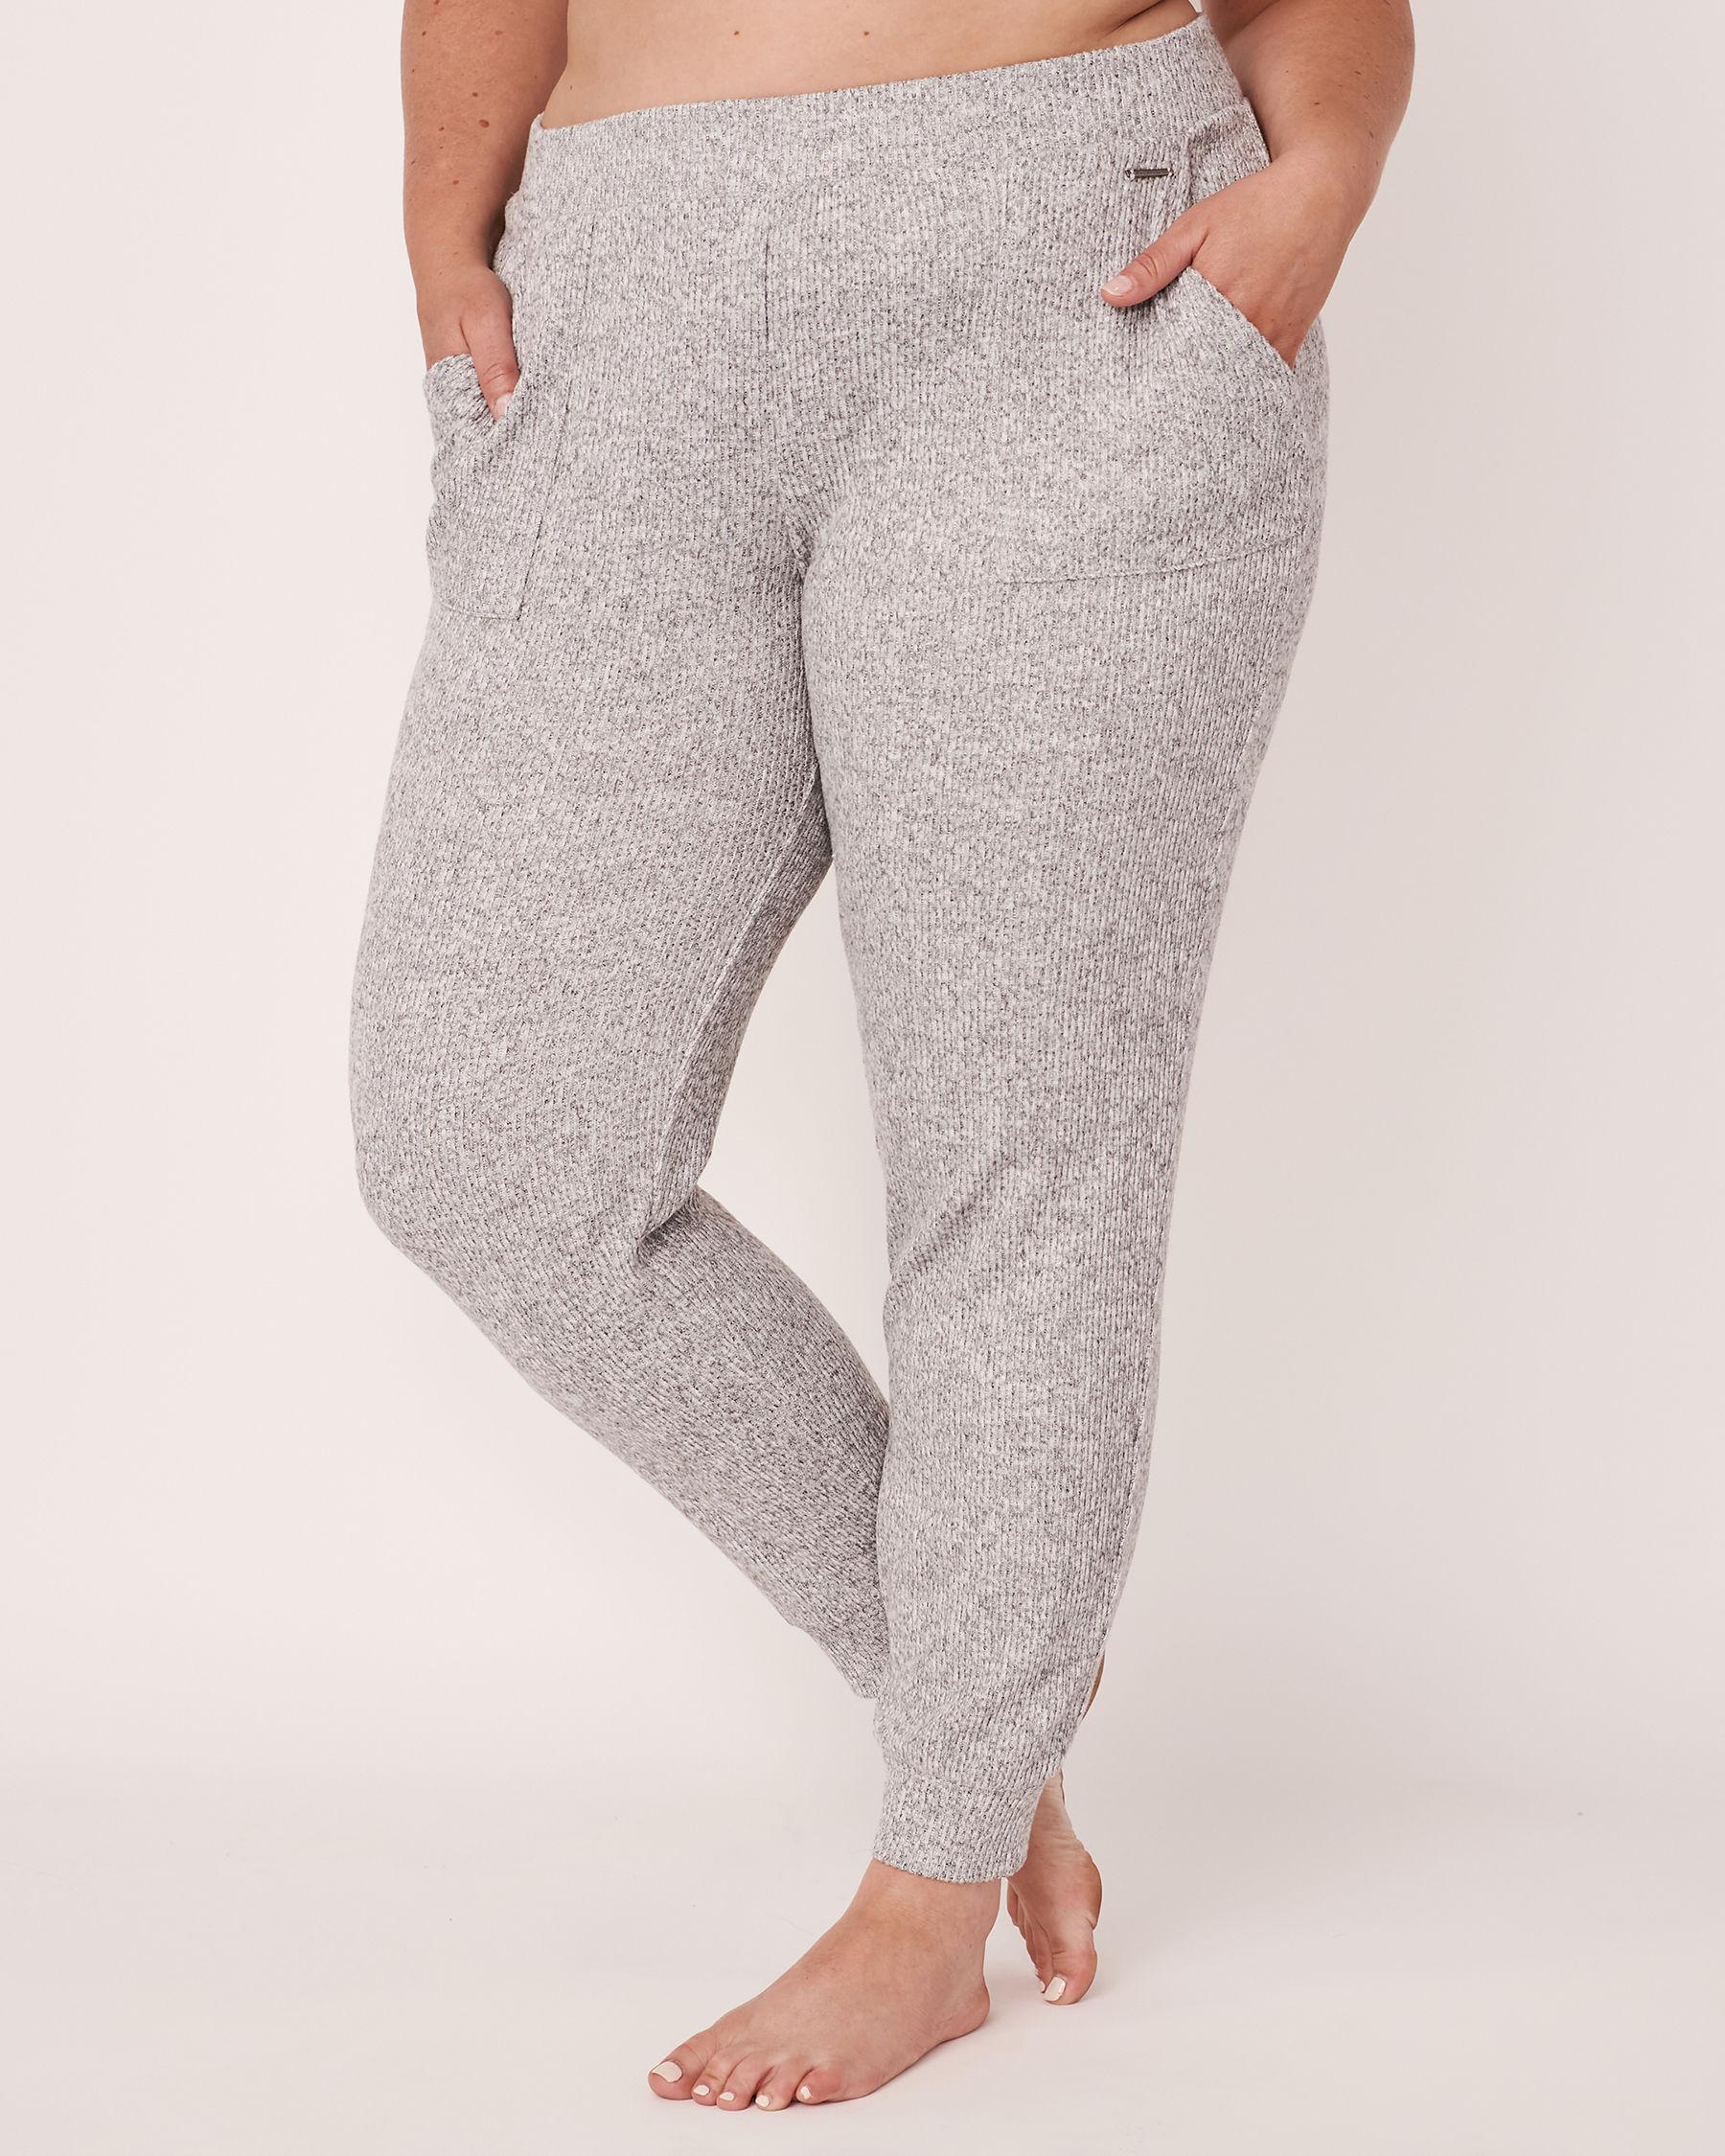 LA VIE EN ROSE Pantalon côtelé Gris 50200011 - Voir1